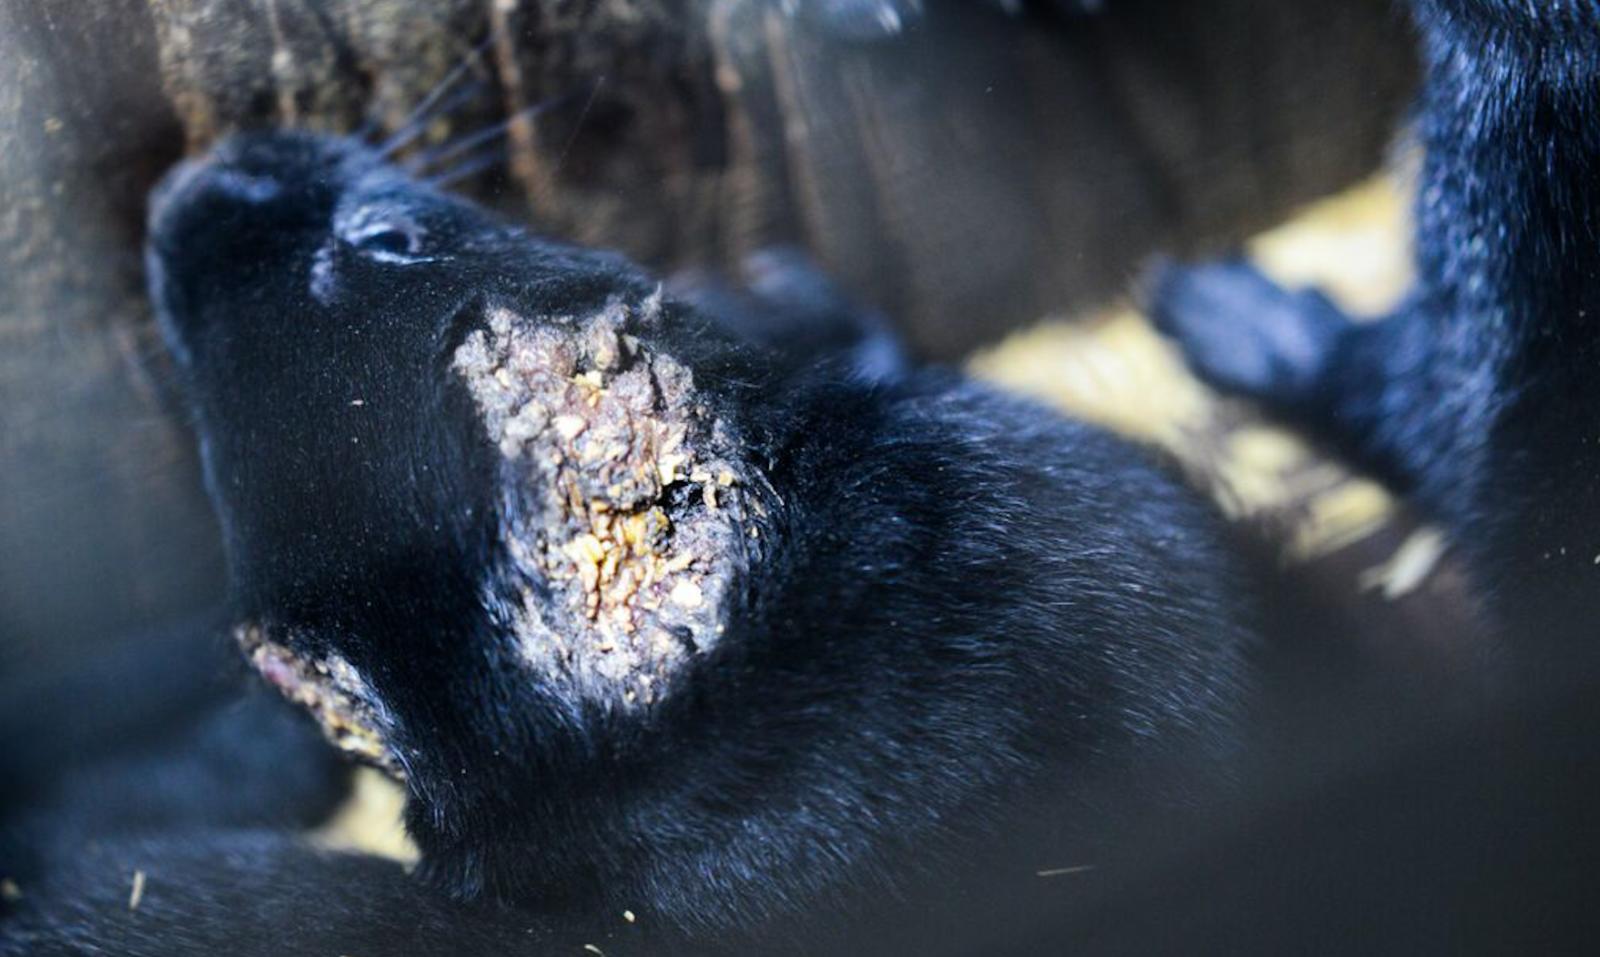 Mink farm, fur farm, Canada fur trade, fur industry, mink, fashion, animal cruelty, cannibalism